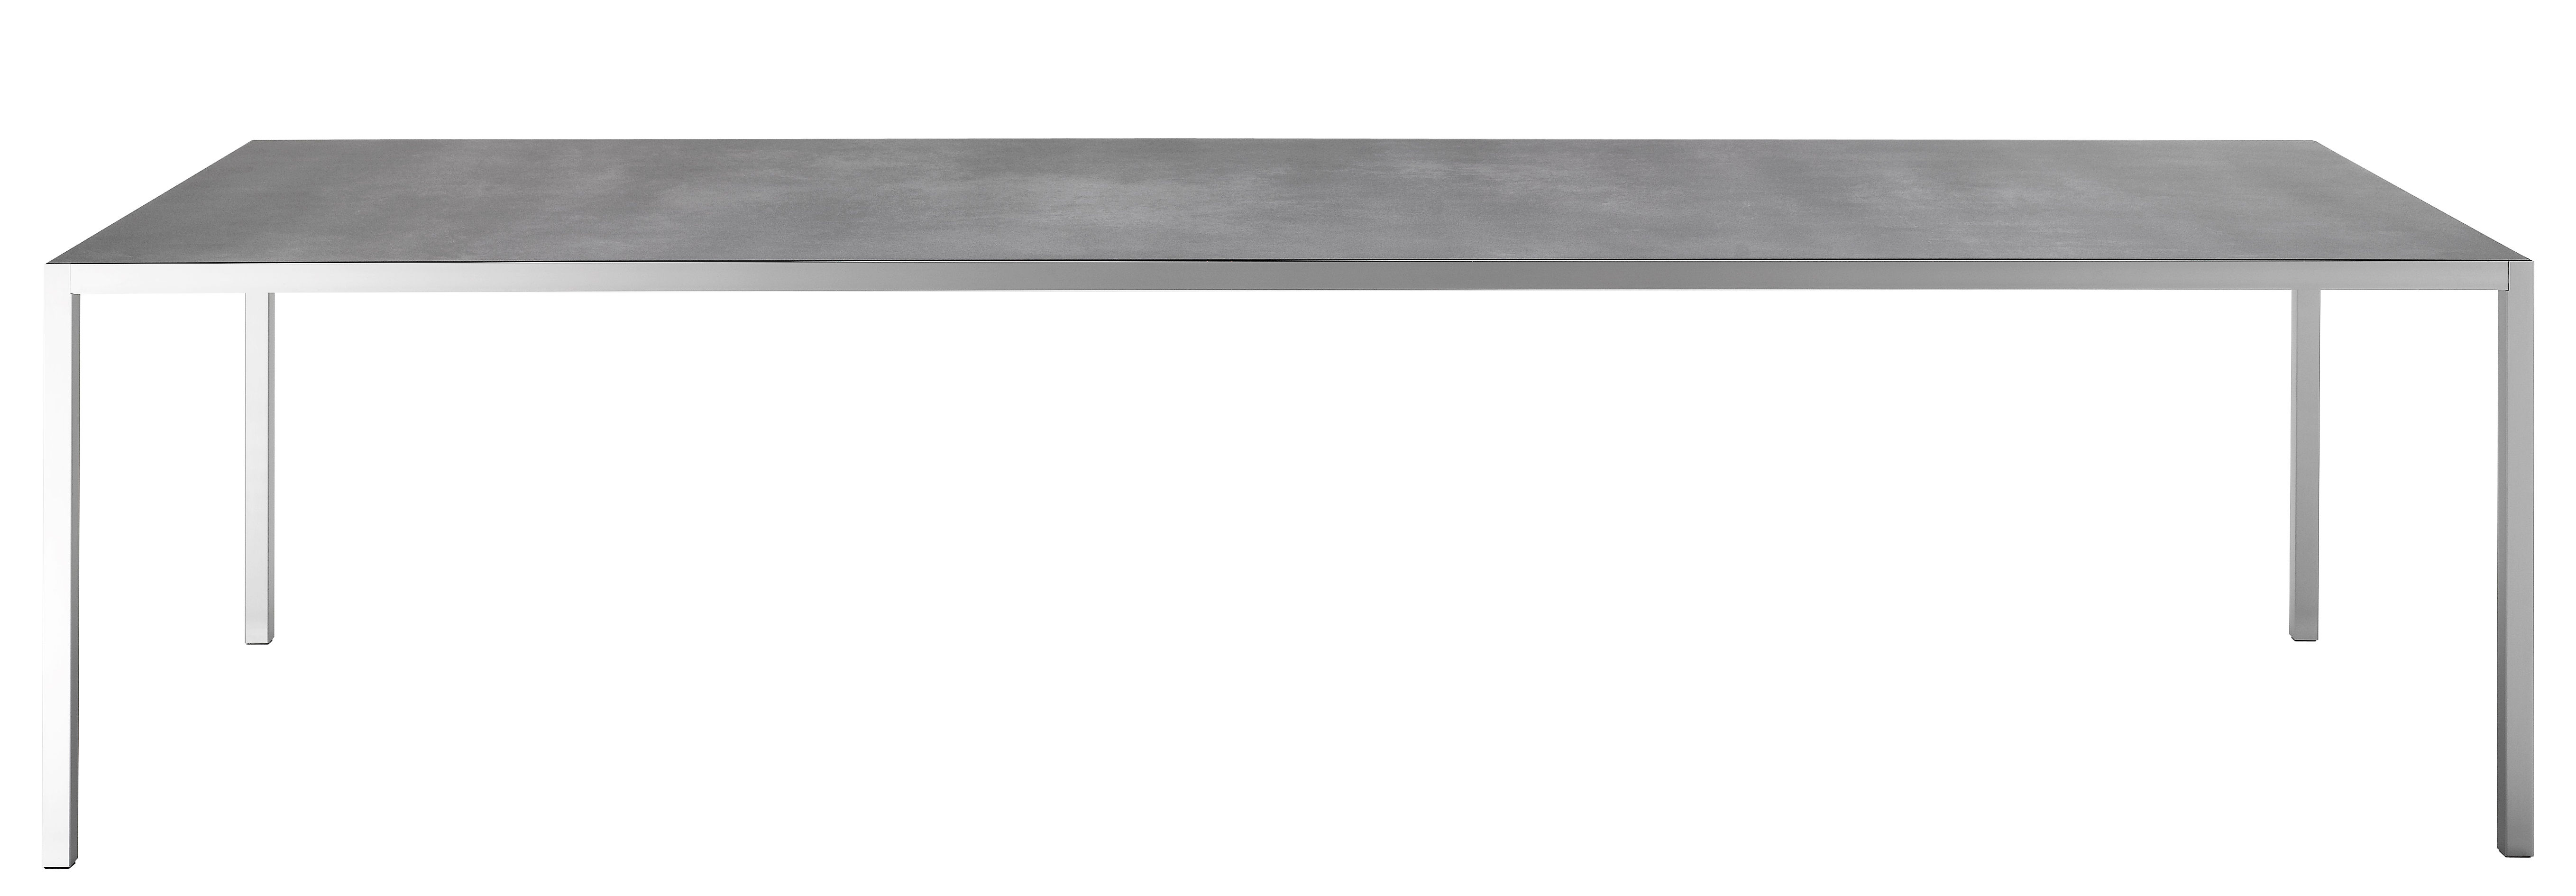 Mobilier - Tables - Table rectangulaire LIM 3.0 / Céramique - 220 x 100 cm - MDF Italia - Céramique gris / Structure alu anodisé - Aluminium anodisé, Céramique